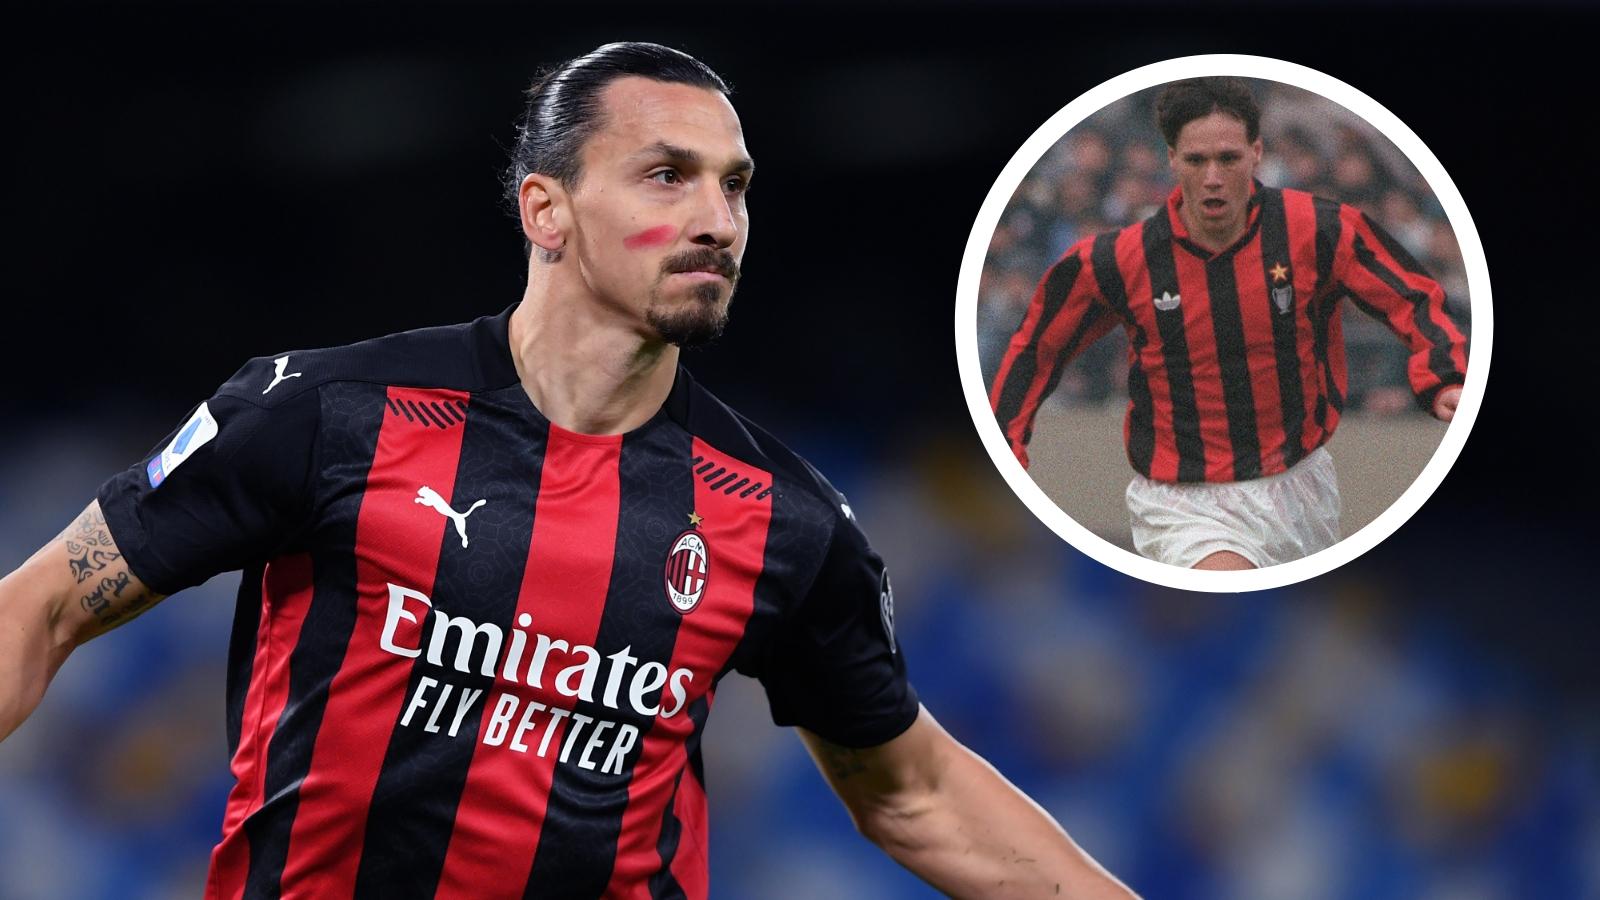 'Ibrahimovic at same level as super champion Van Basten' – AC Milan legend Maldini salutes Swedish striker